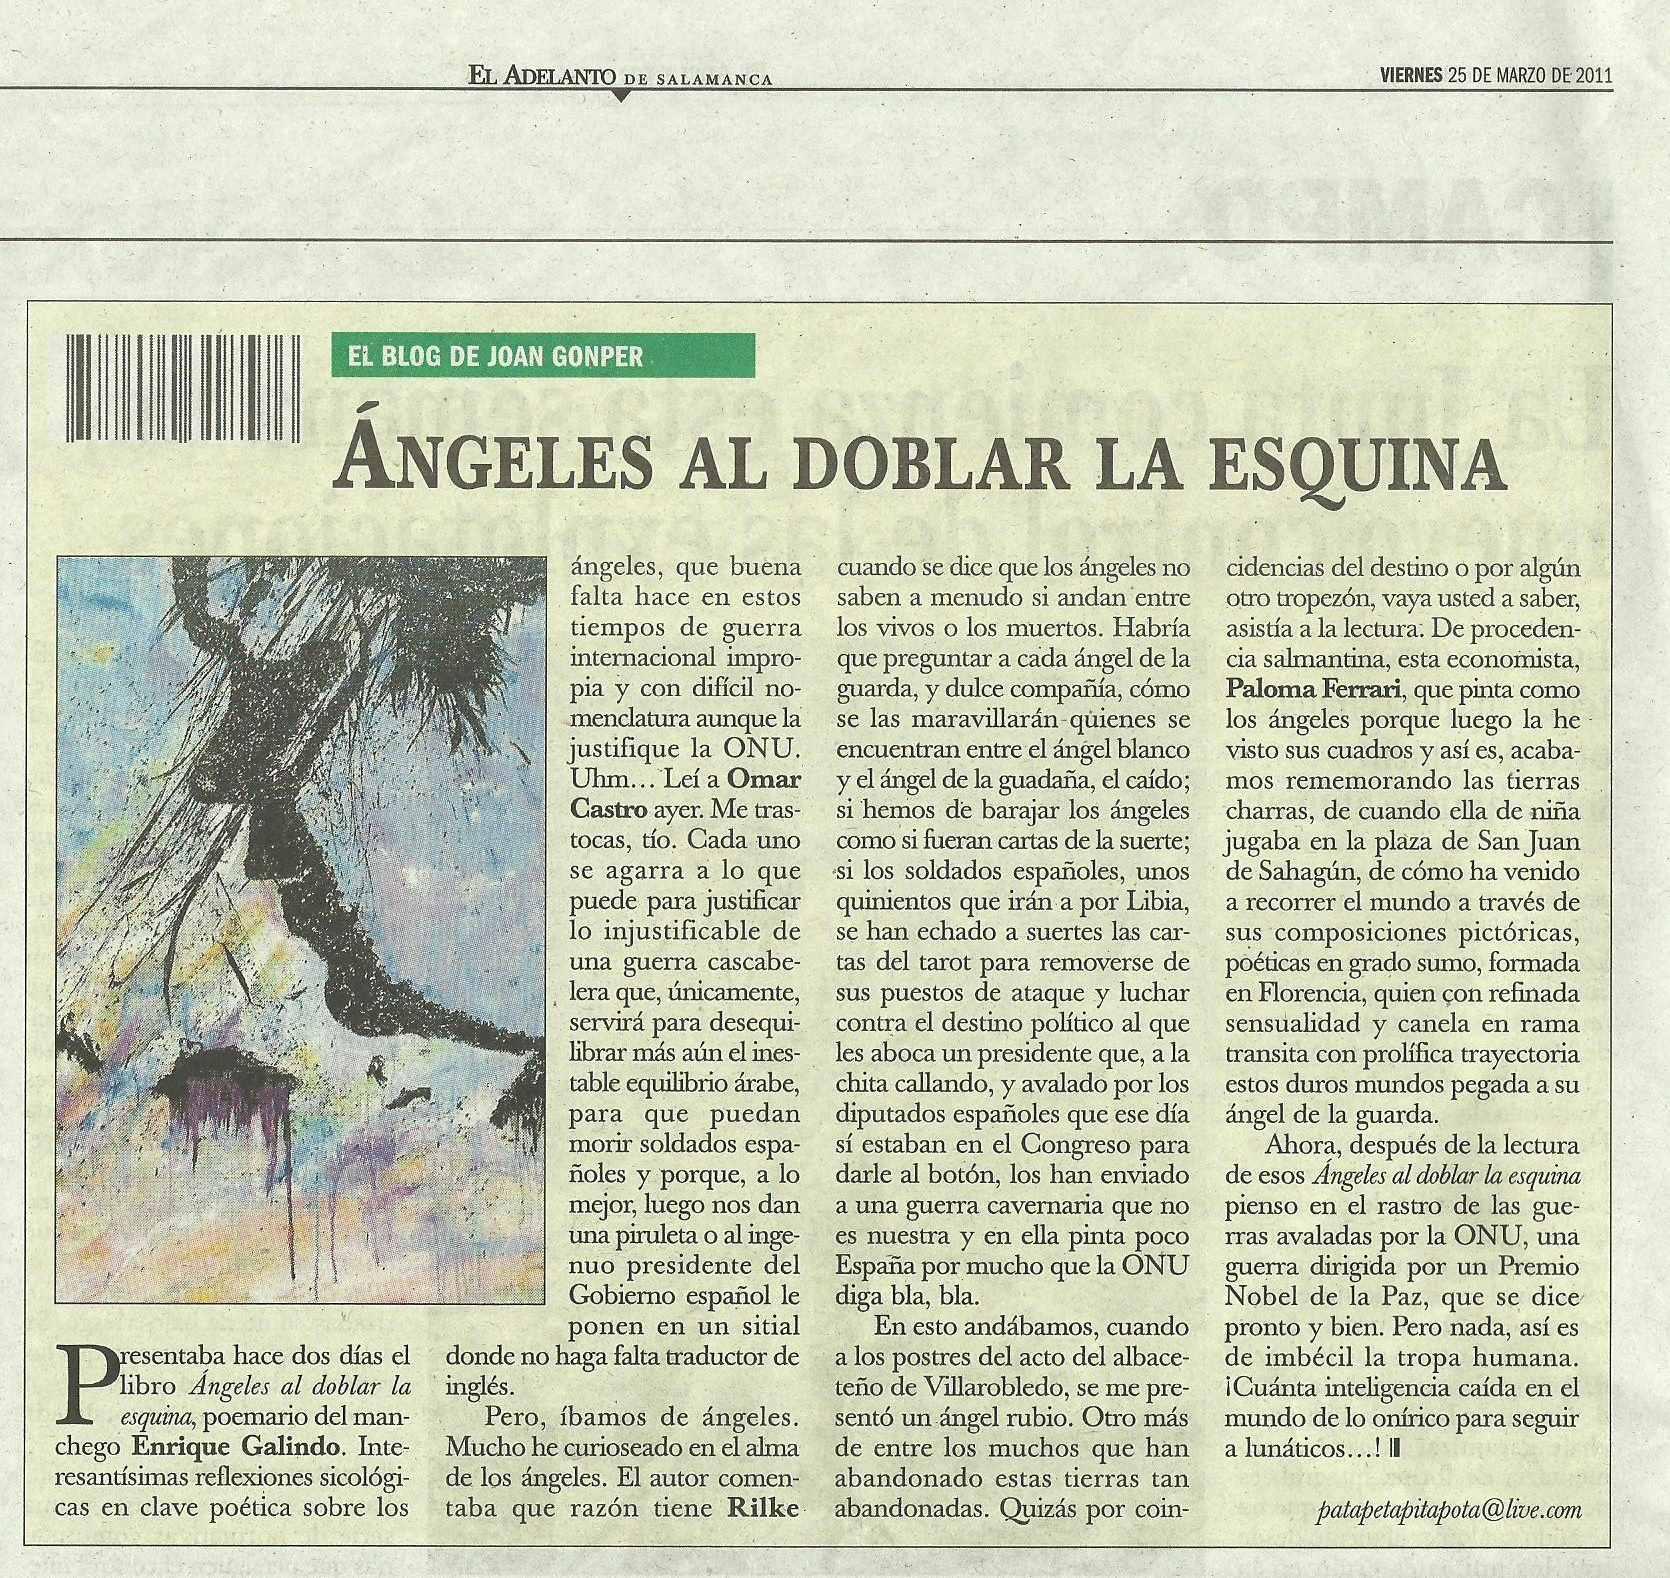 """EL ADELANTO DE SALAMANCA: """"Ángeles al doblar la esquina"""", de Enrique Galindo."""